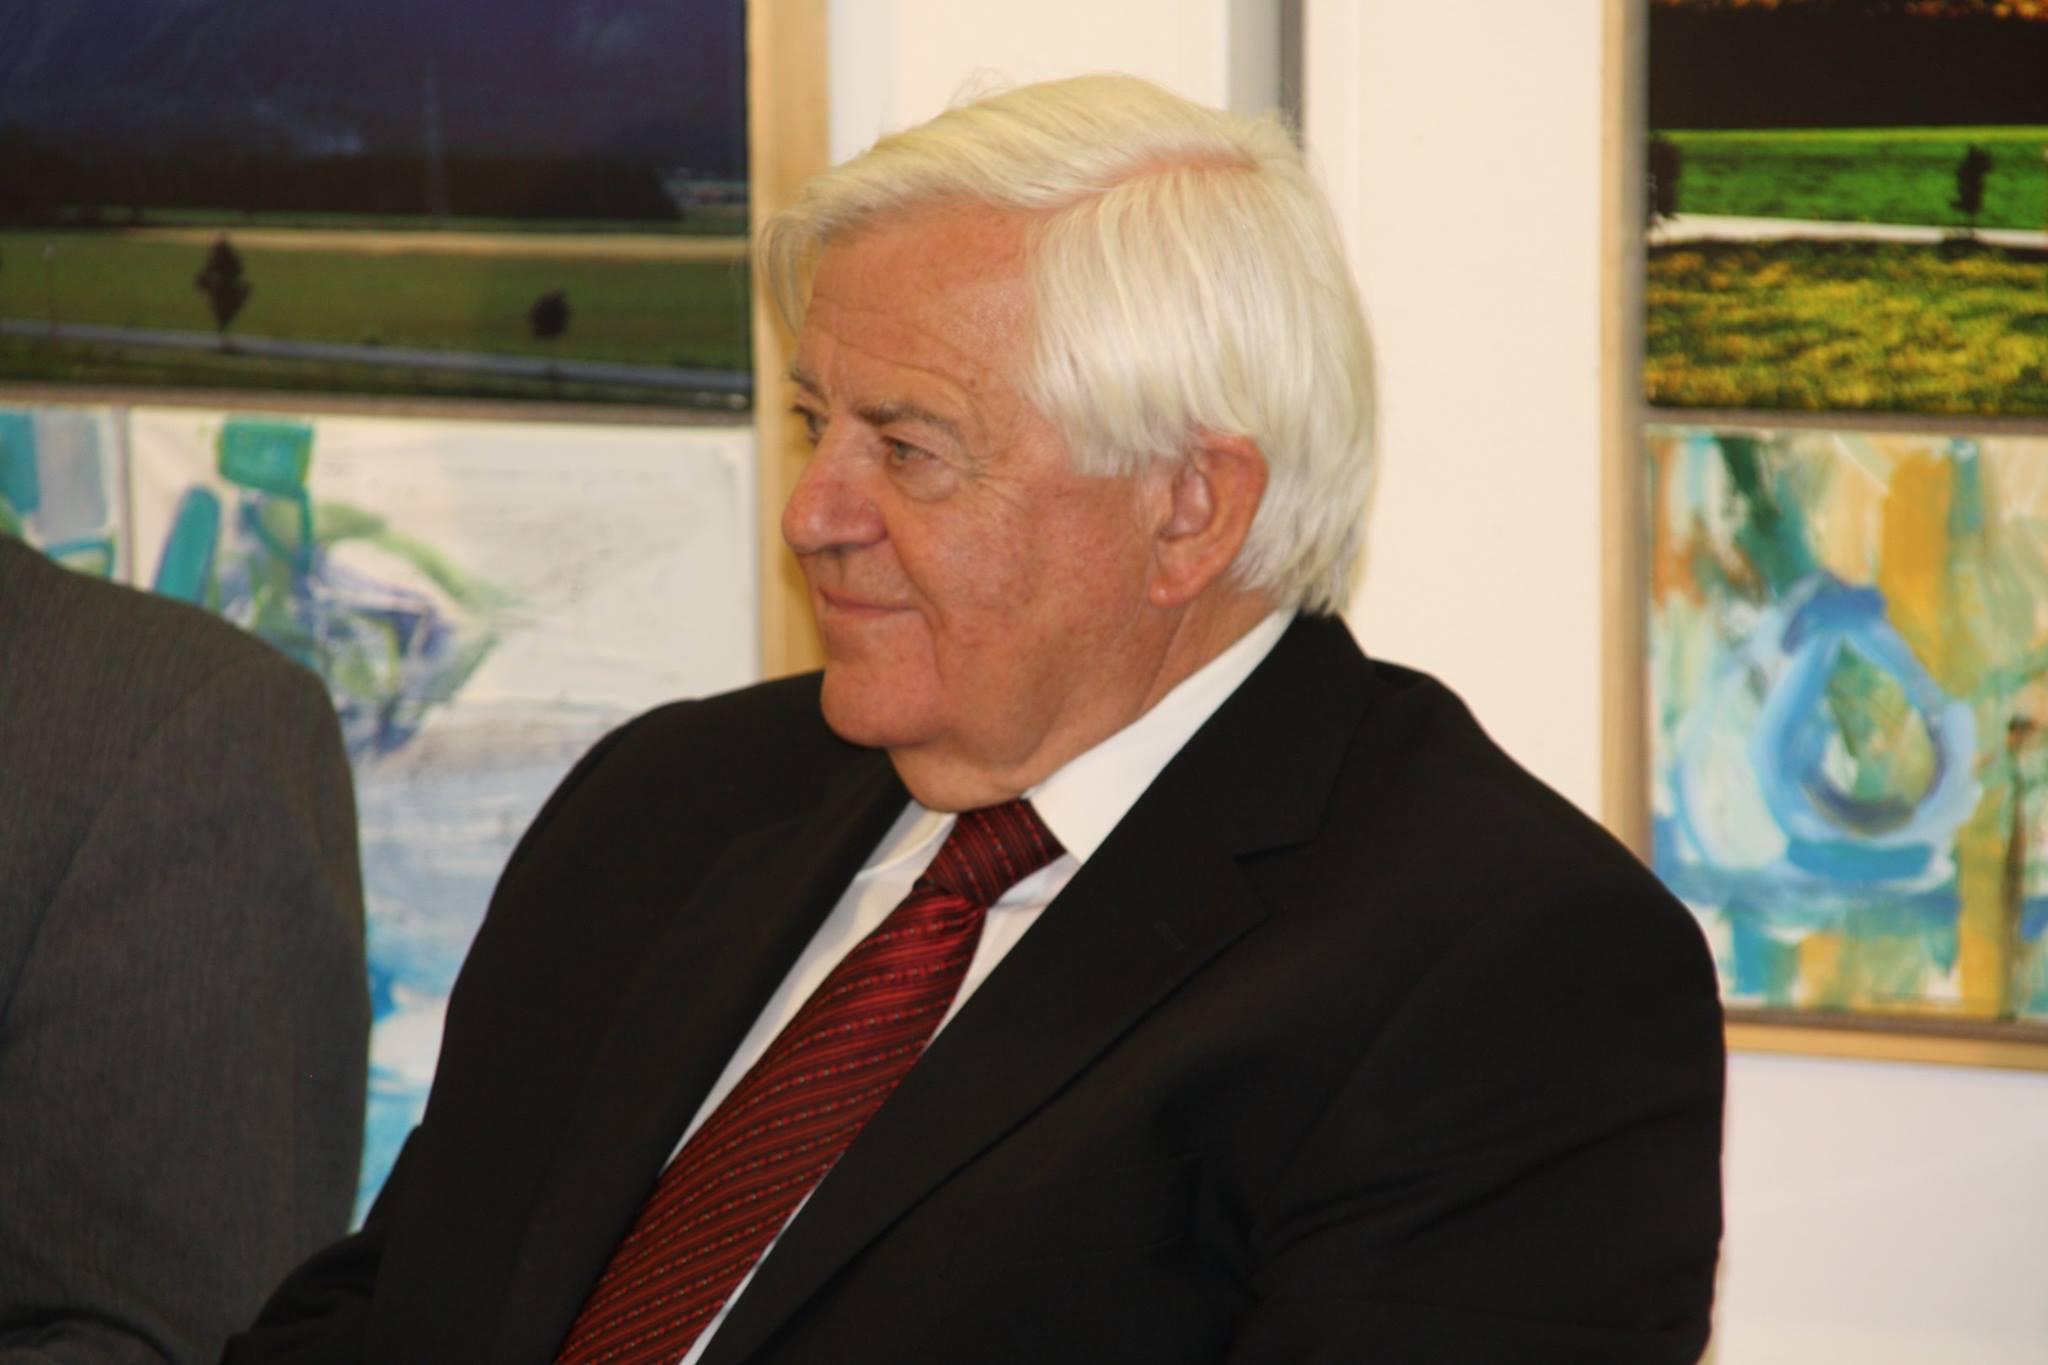 Milan Kučan